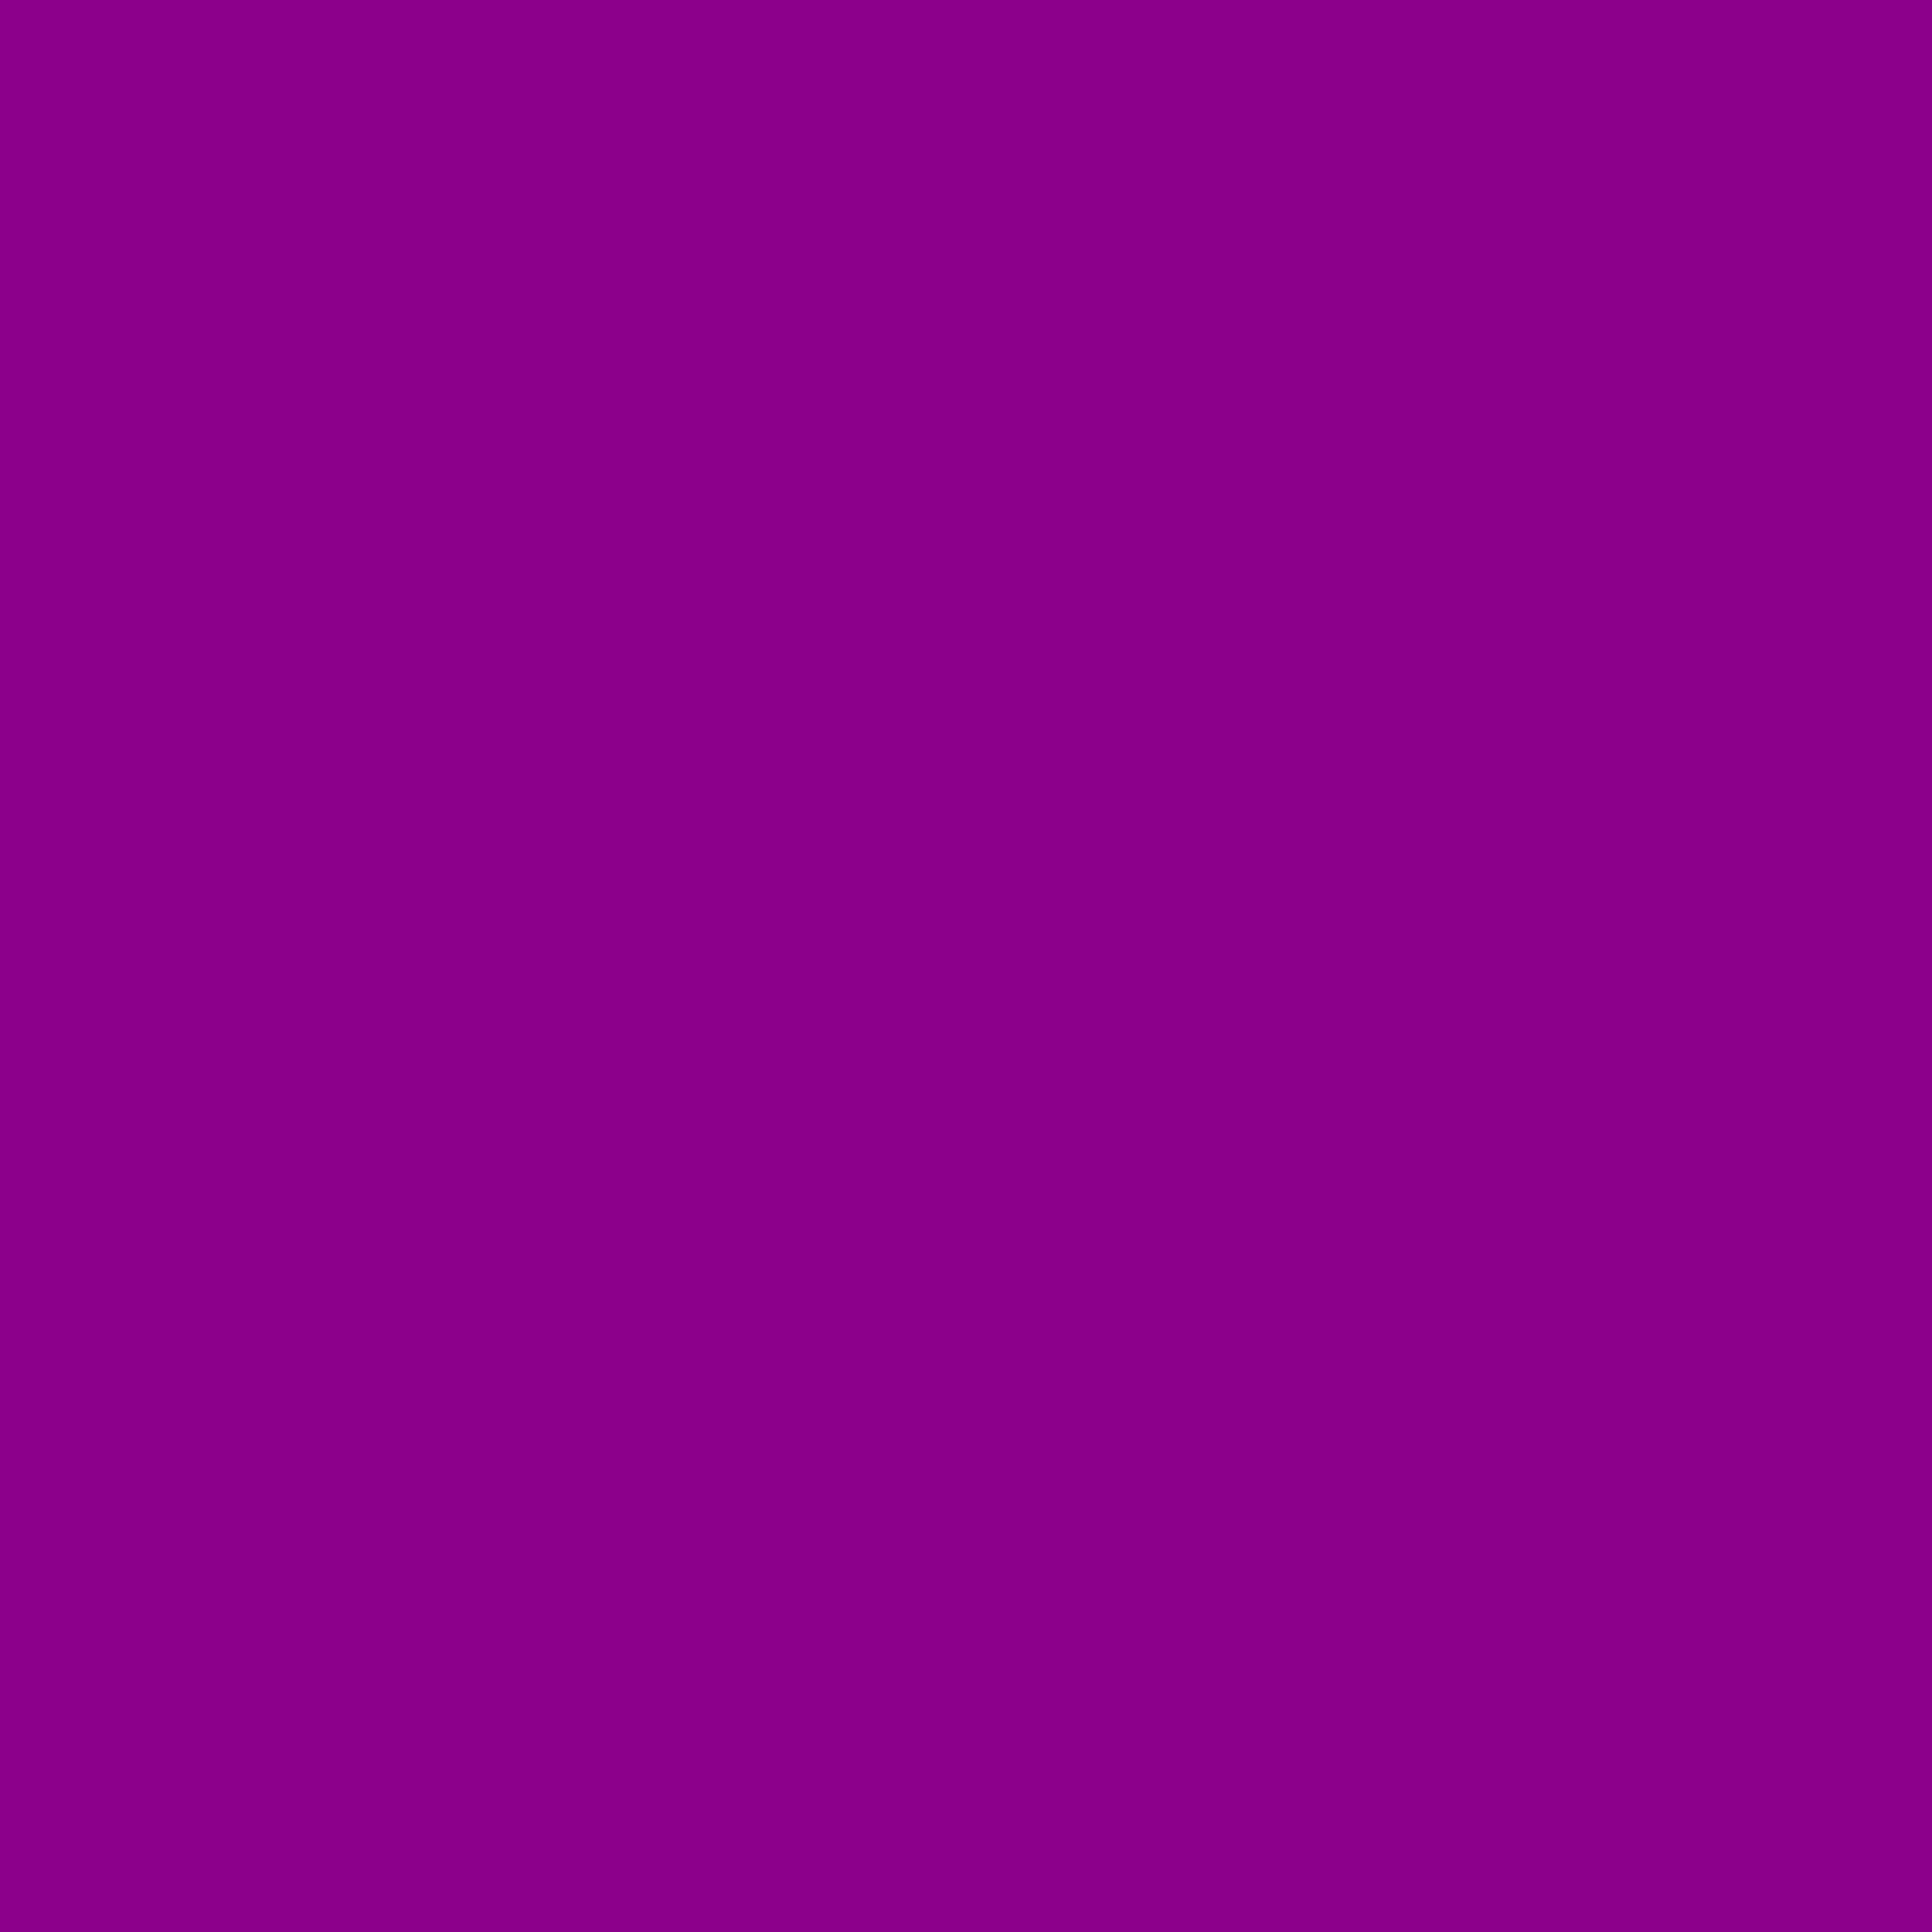 3600x3600 Dark Magenta Solid Color Background